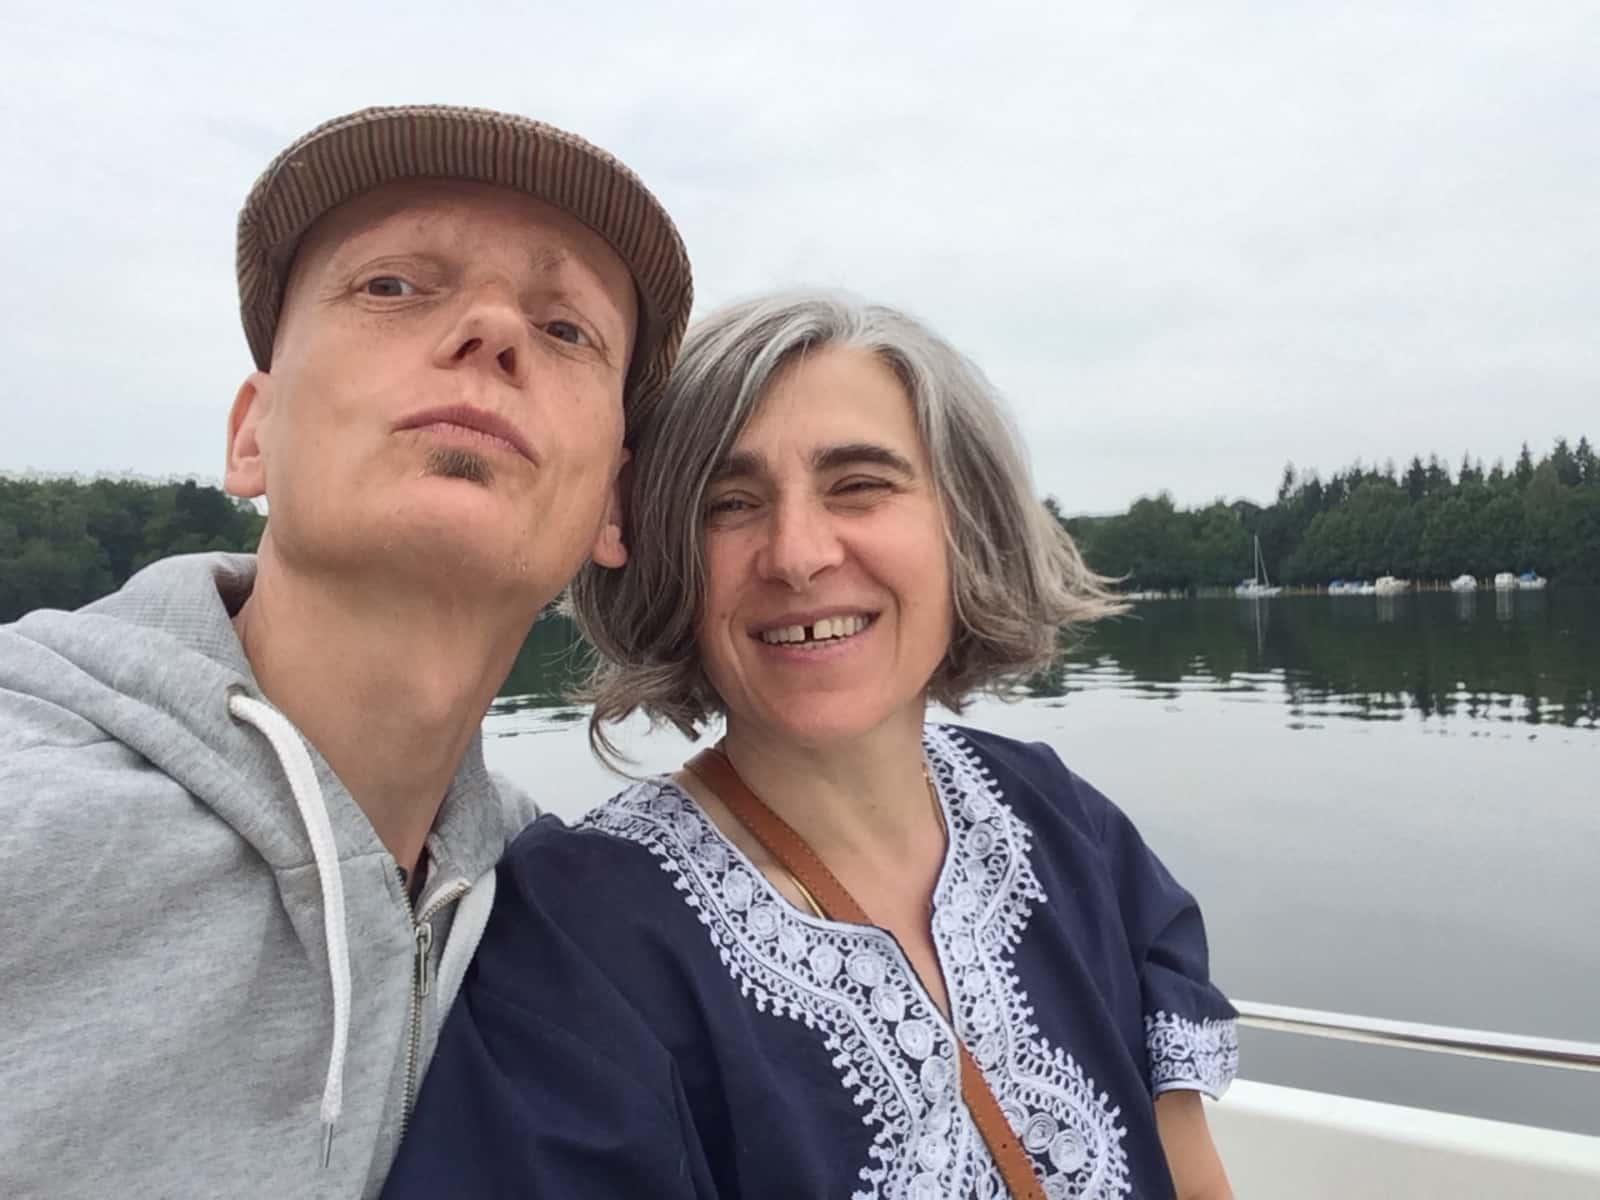 Muriel & Koen from Antwerpen, Belgium